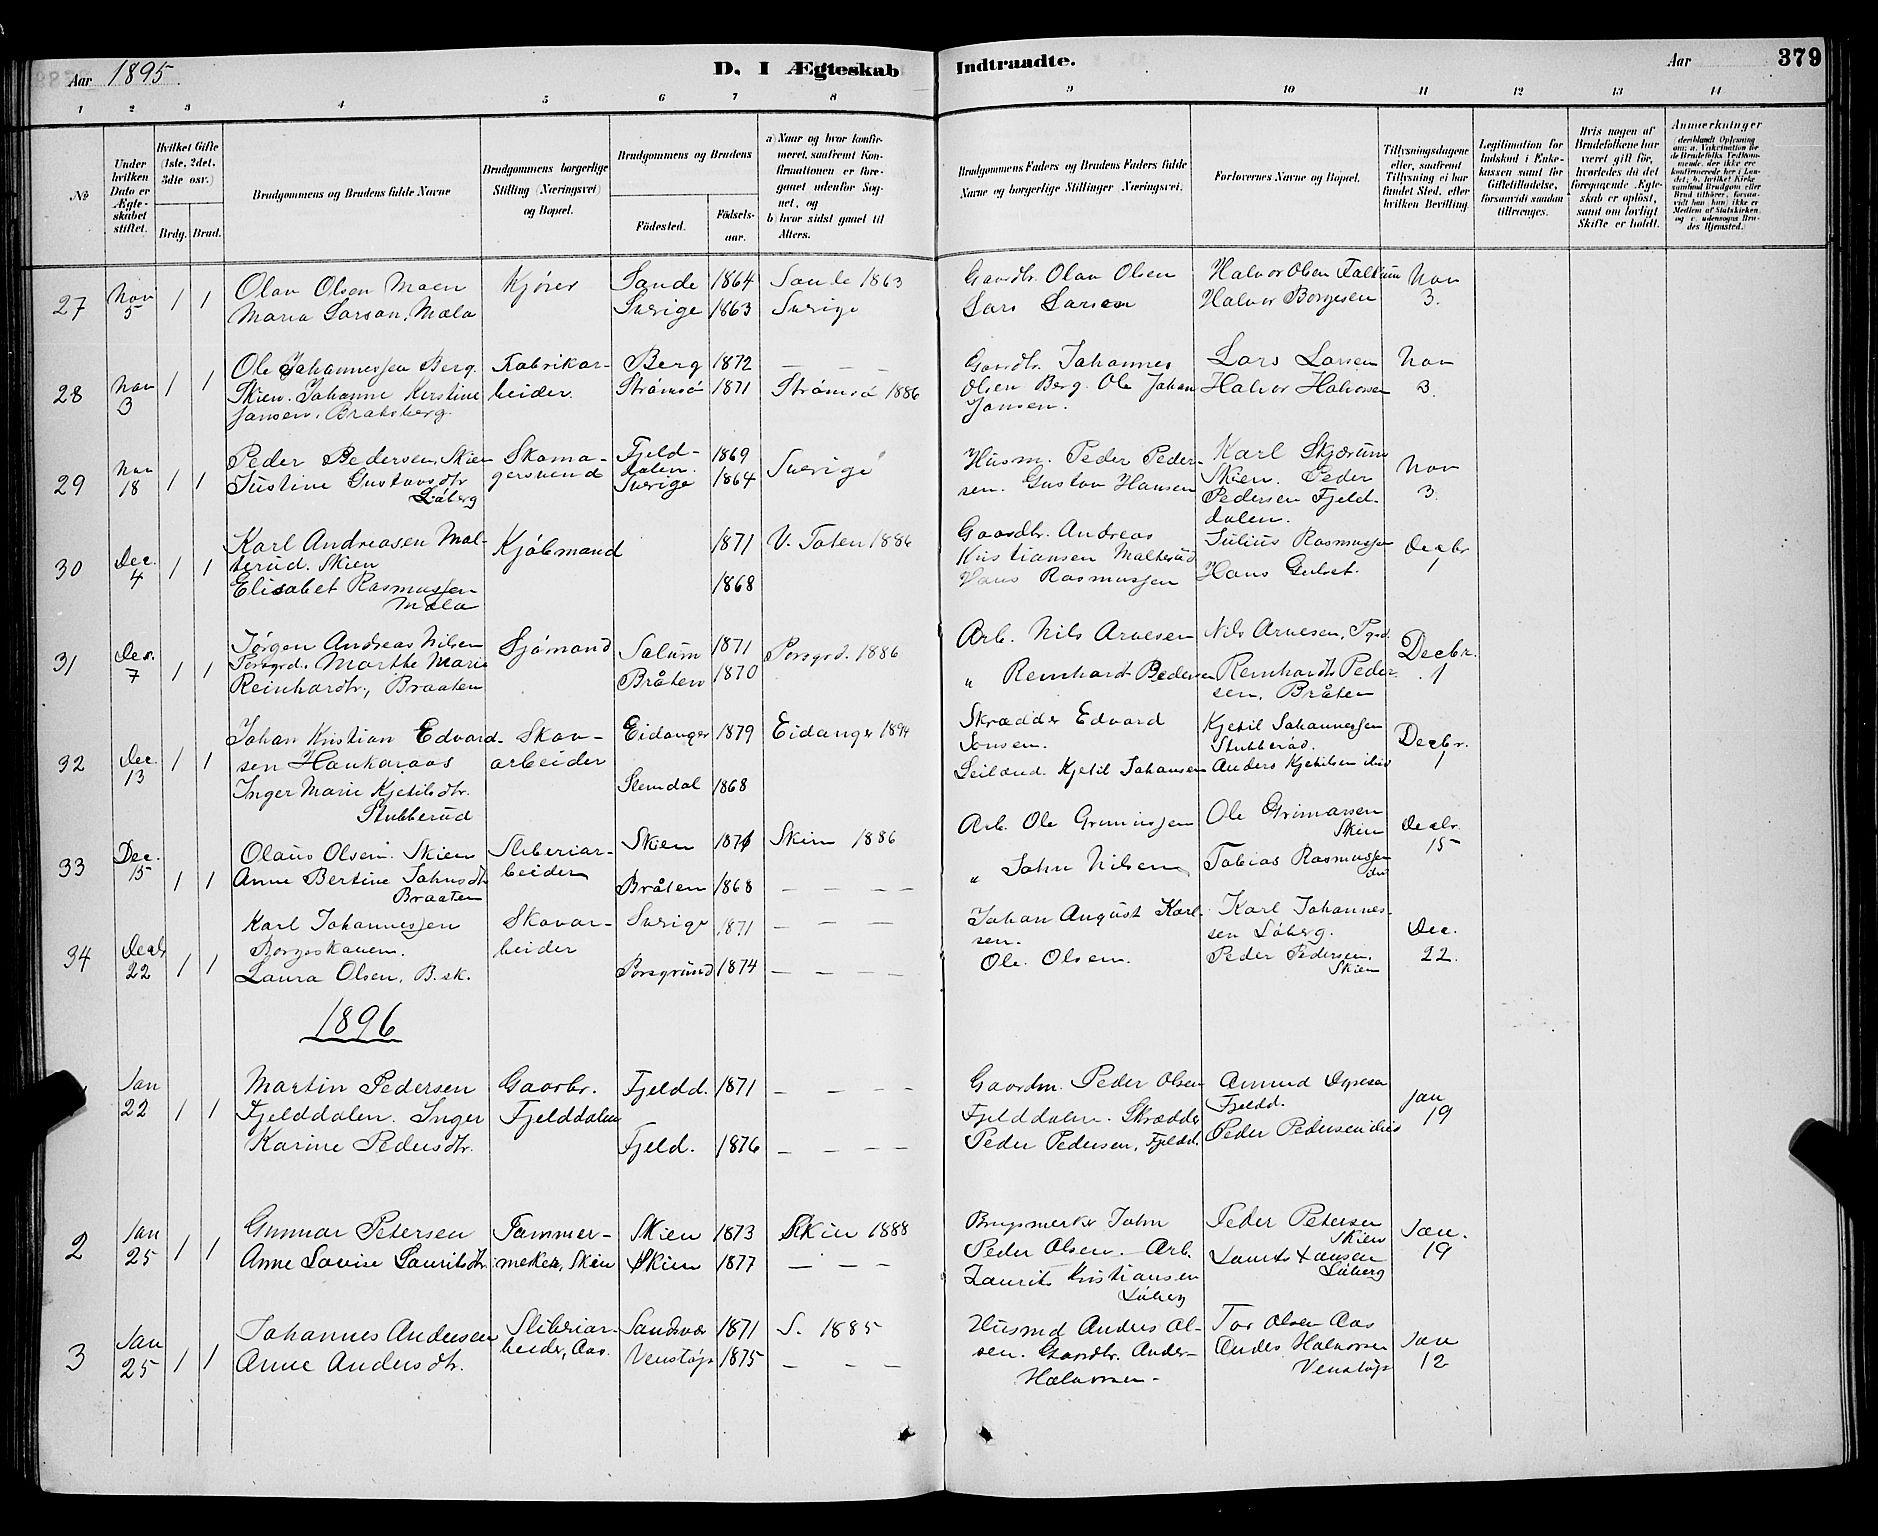 SAKO, Gjerpen kirkebøker, G/Ga/L0002: Klokkerbok nr. I 2, 1883-1900, s. 379